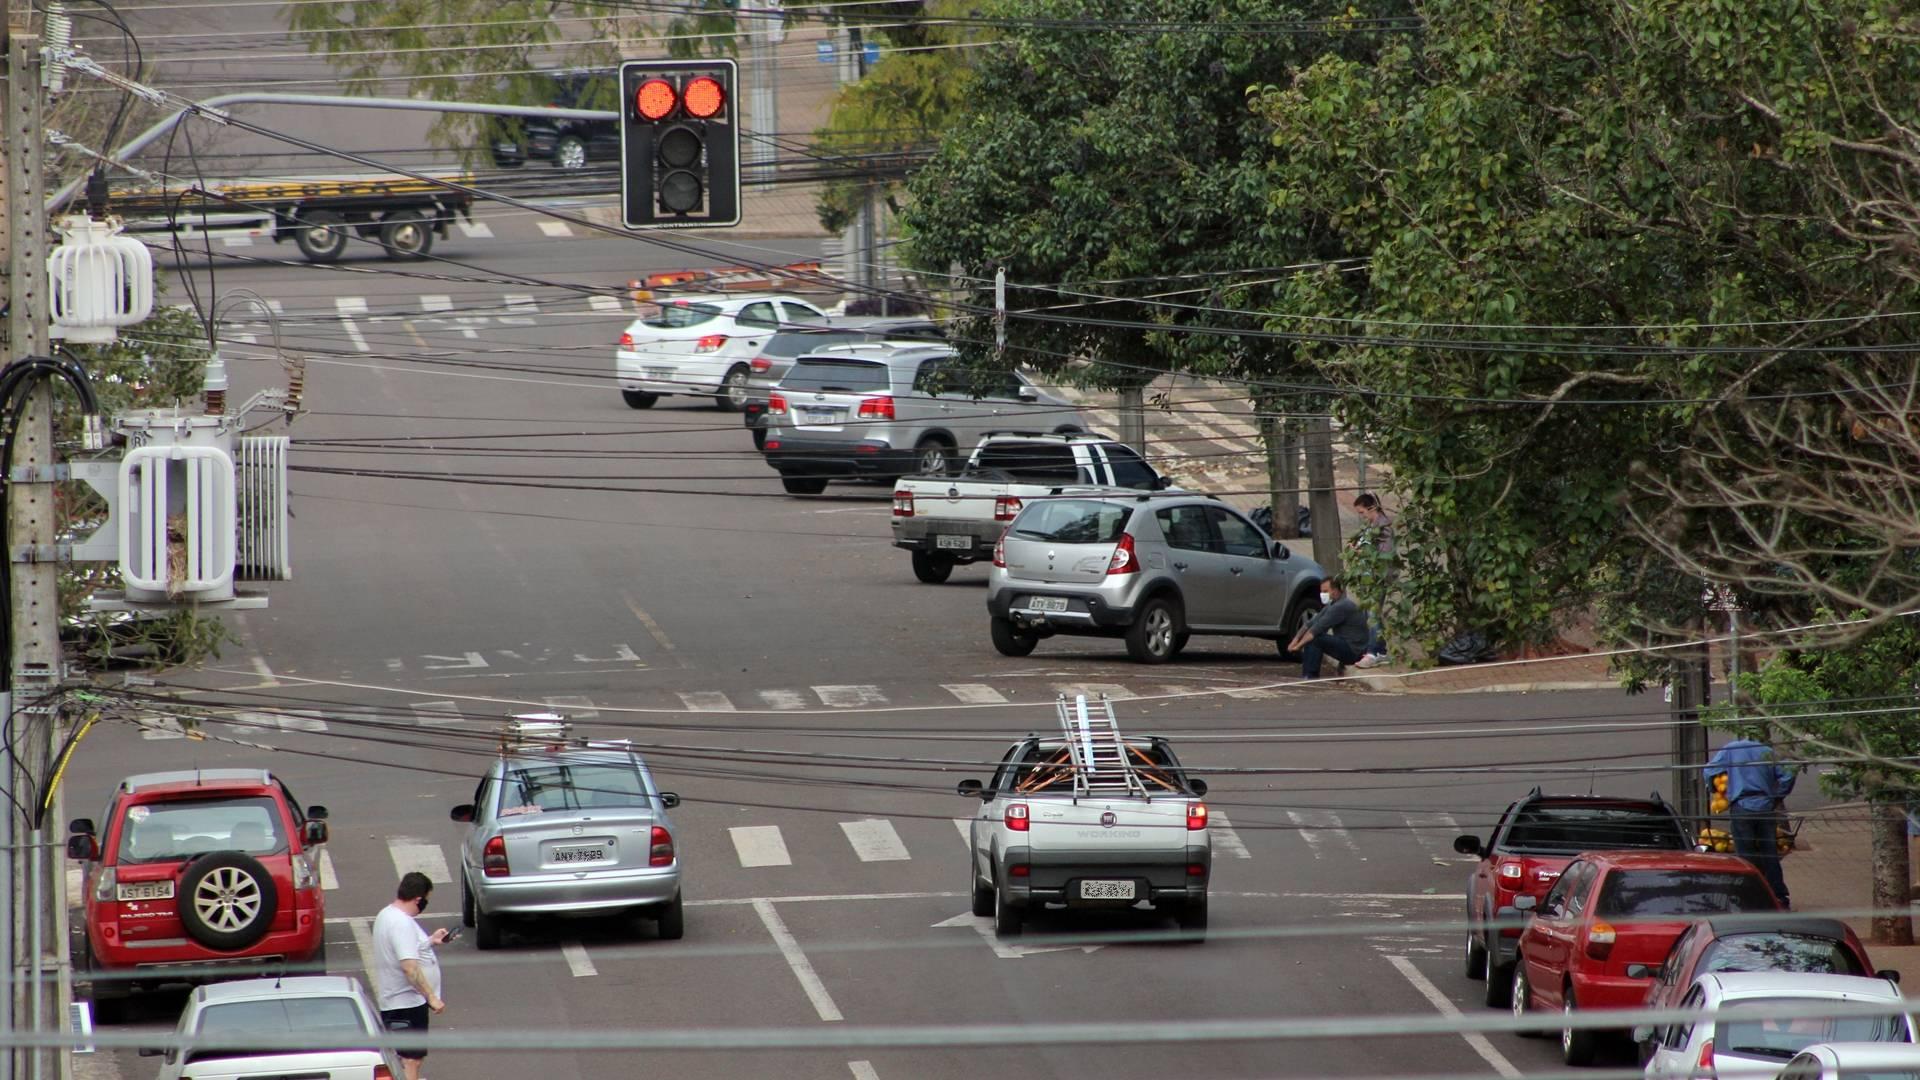 Transitar conserta problemas de sincronia em semáforos dos binários de Cascavel